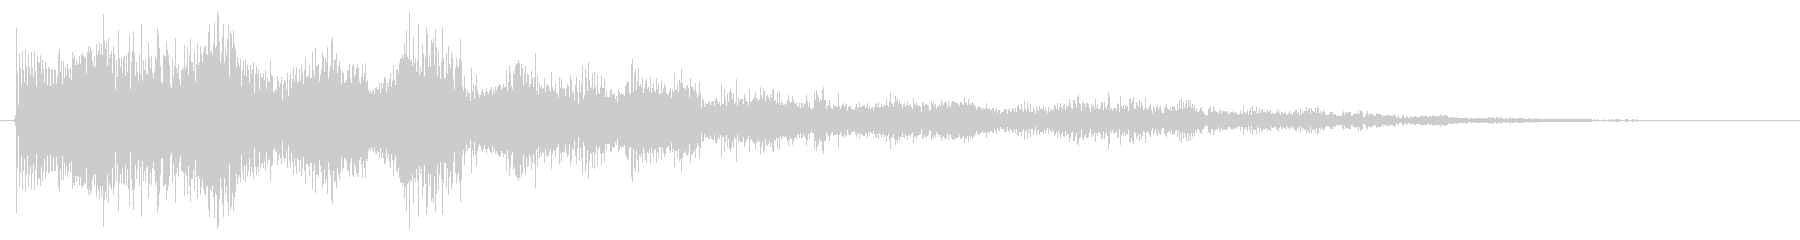 マジカルなセレクト音 決定音 クリック音の未再生の波形